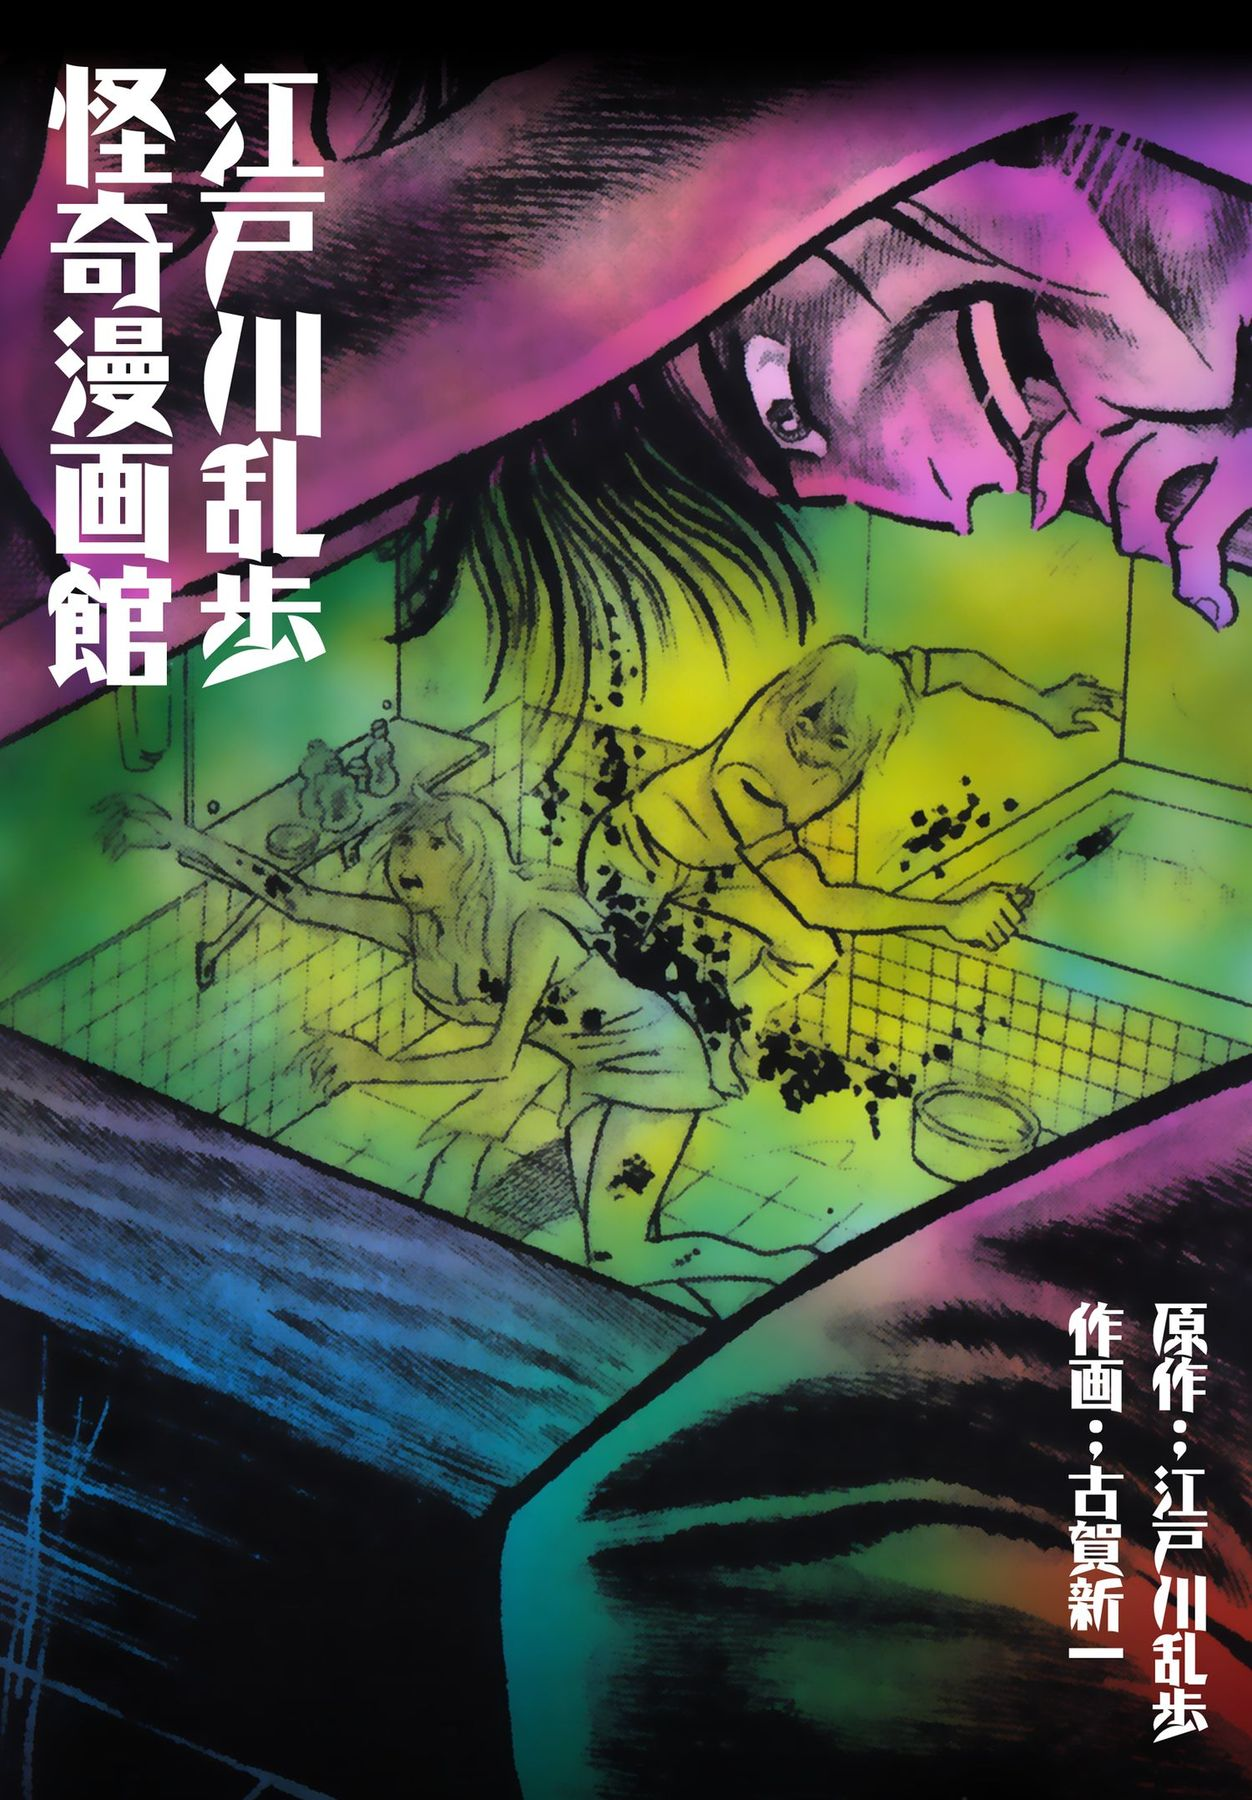 江戸川乱歩怪奇漫画館(第1巻)